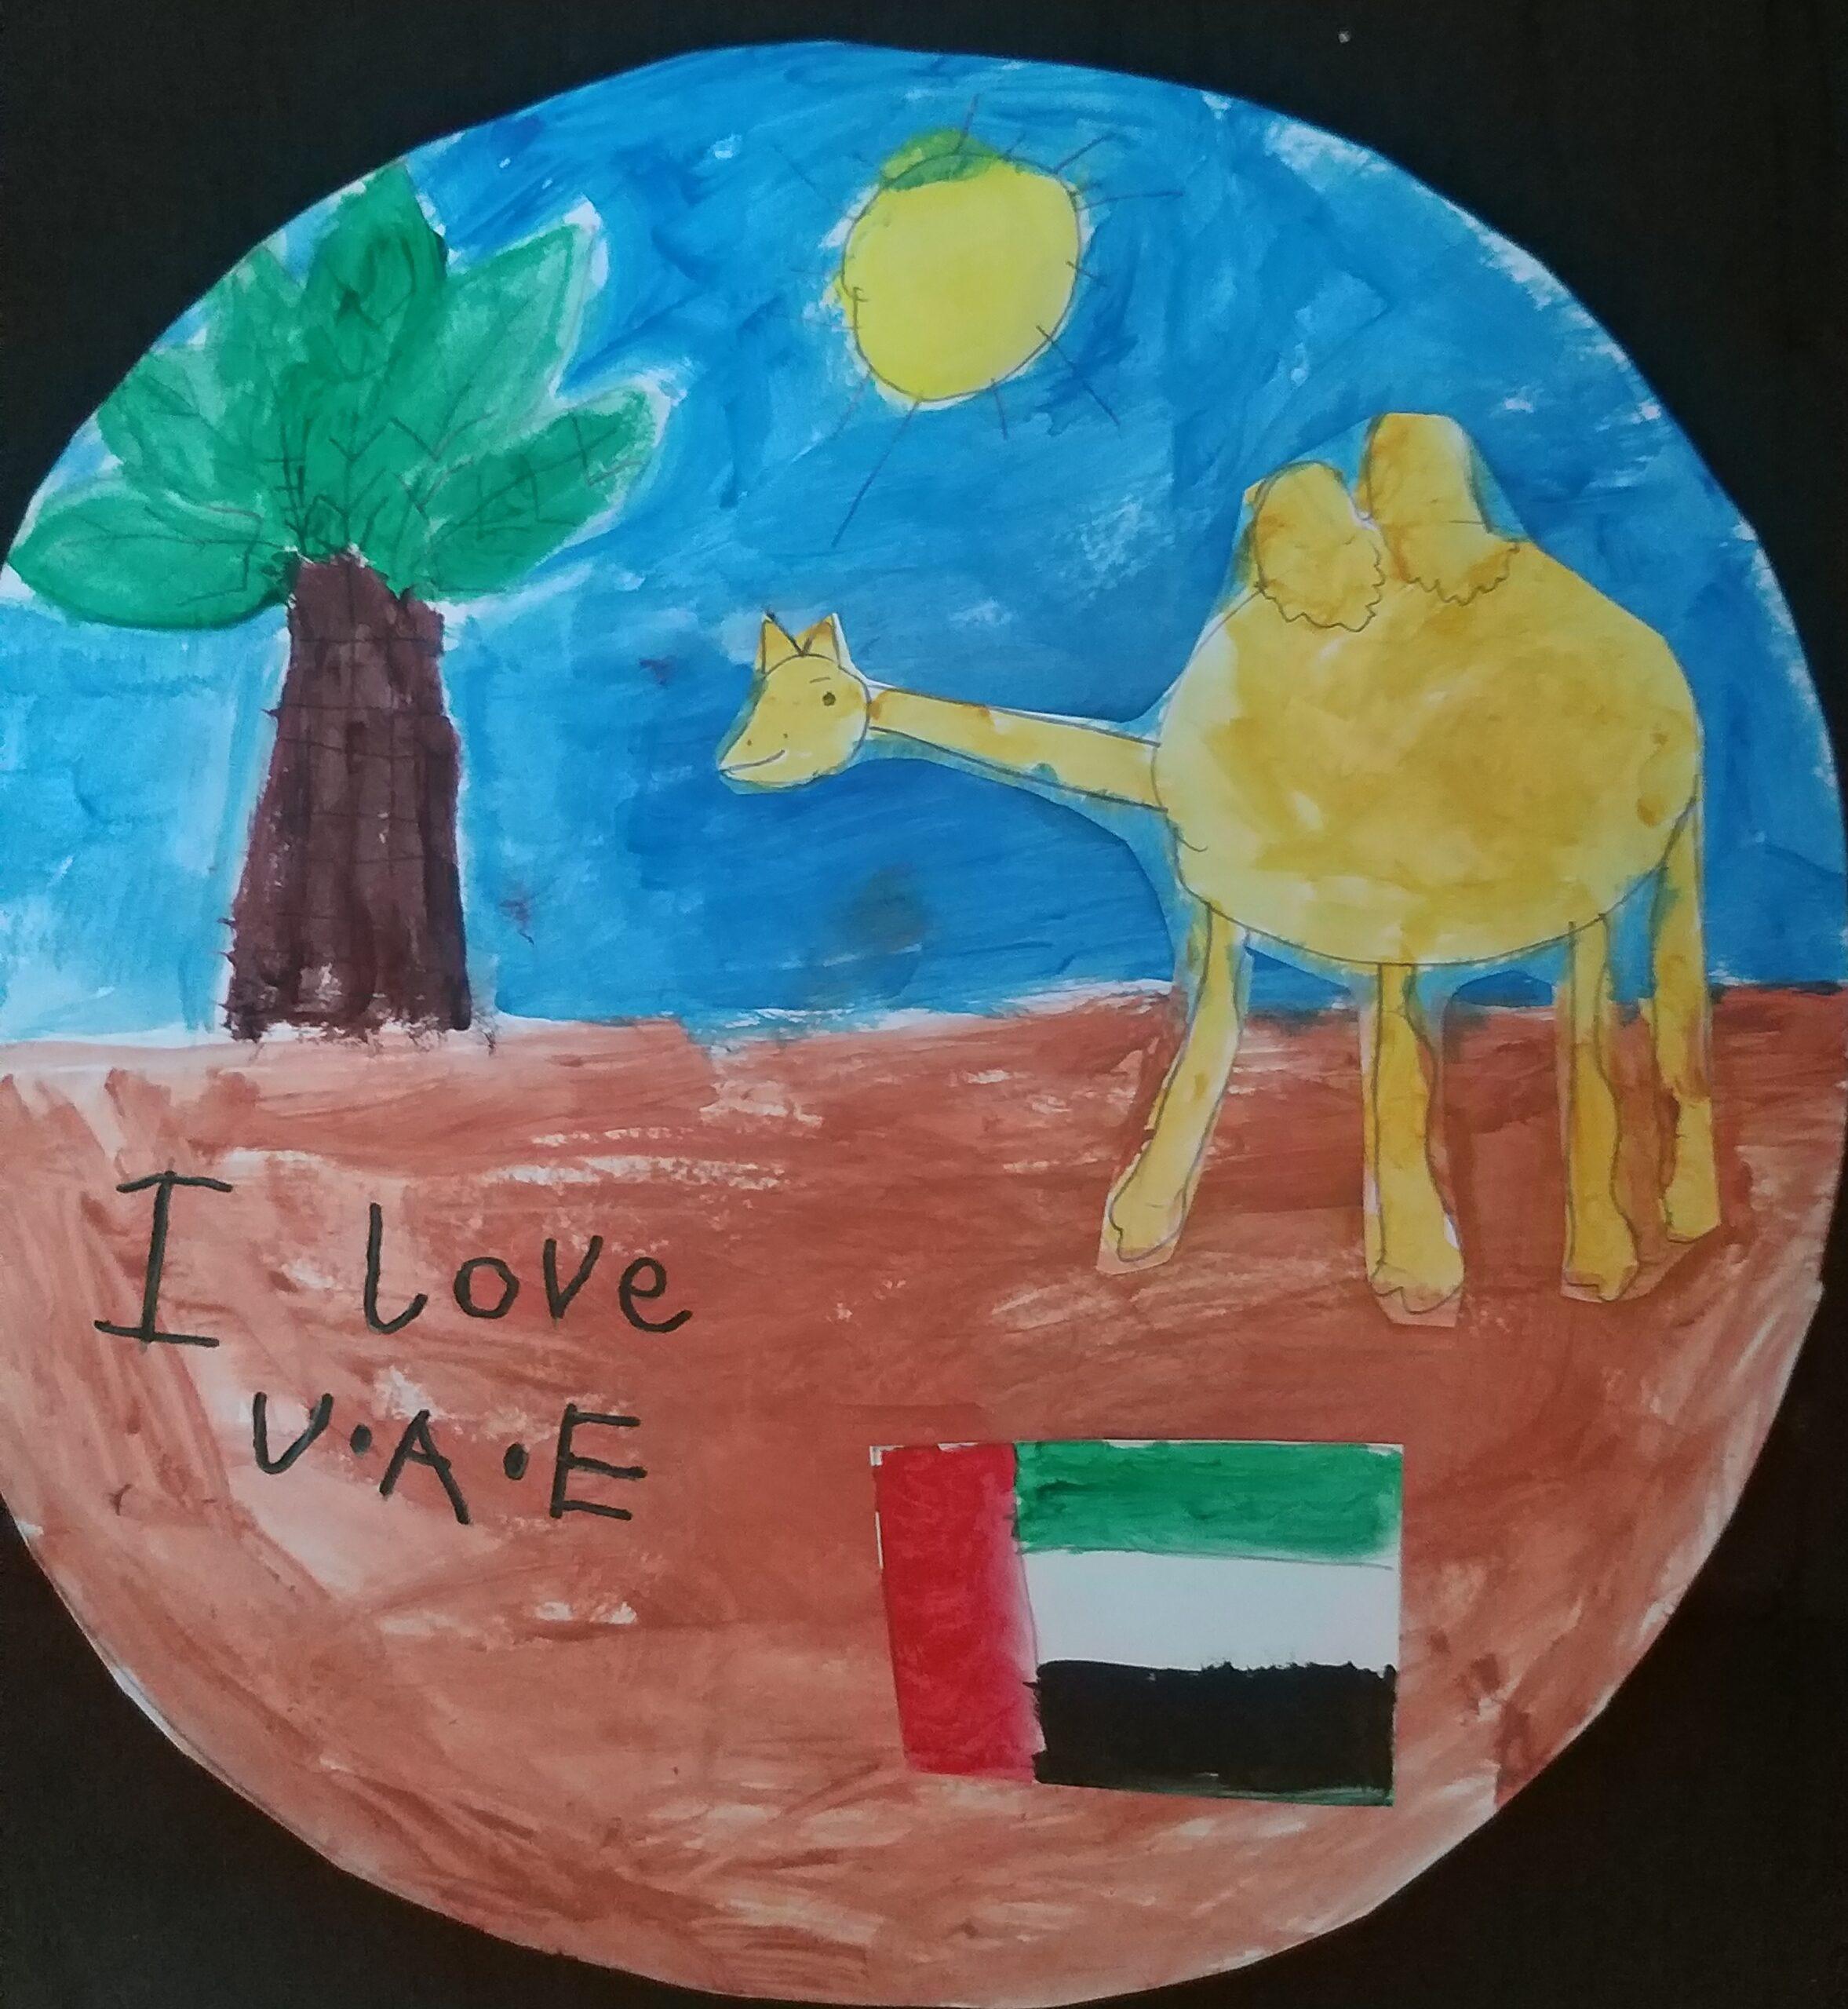 Love UAE by Zainab Shaikh